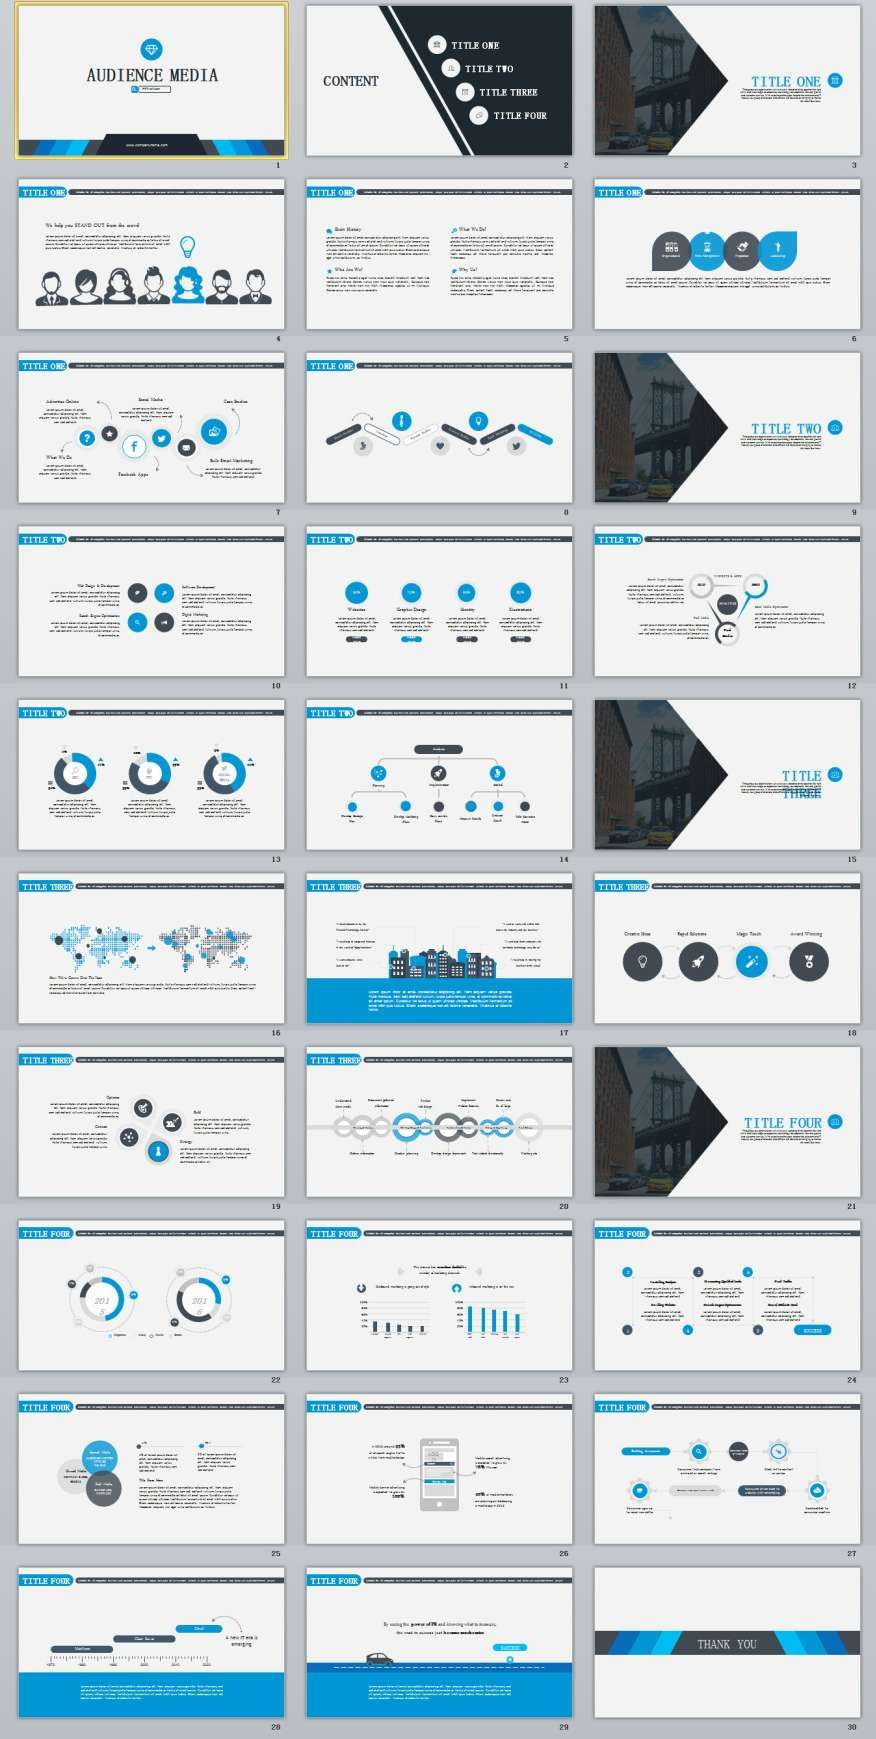 30 media industry powerpoint template the highest quality 30 media industry powerpoint template the highest quality powerpoint templates and keynote templates download toneelgroepblik Gallery